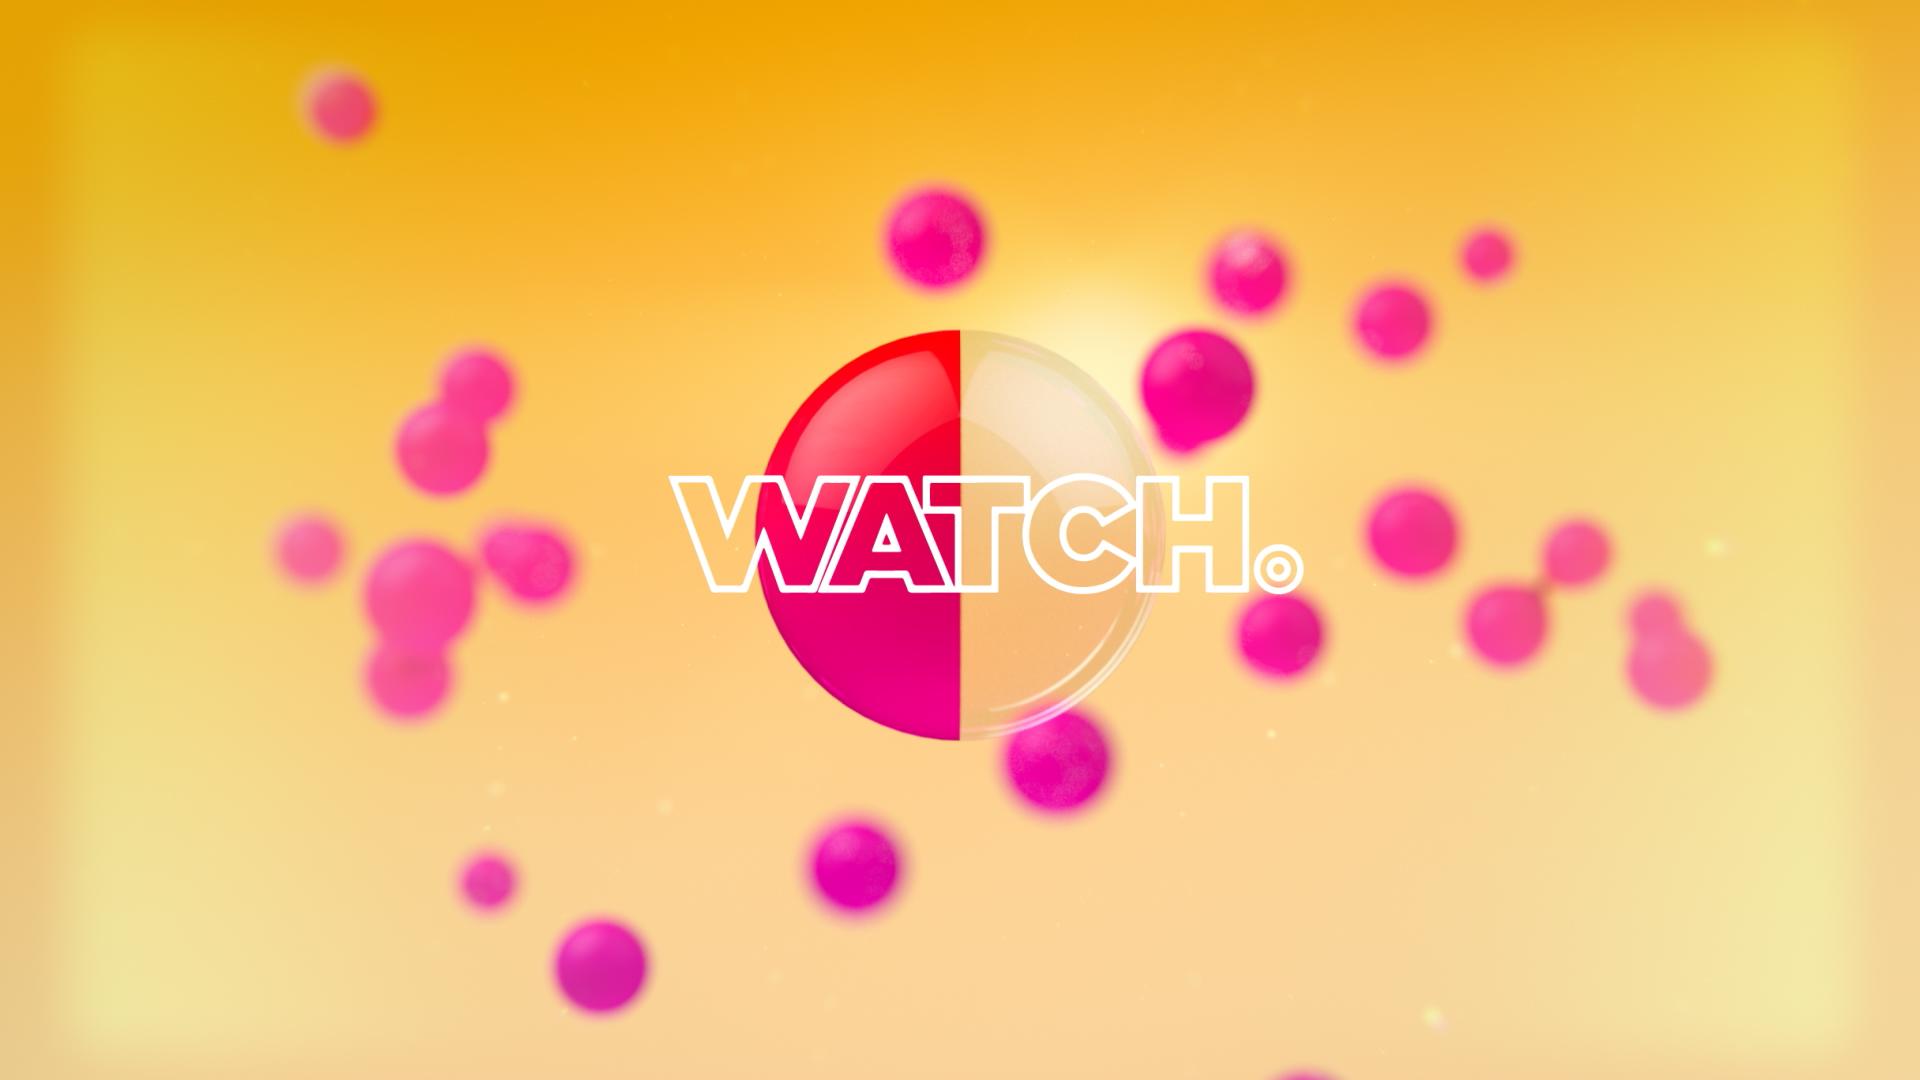 UKTV - Watch